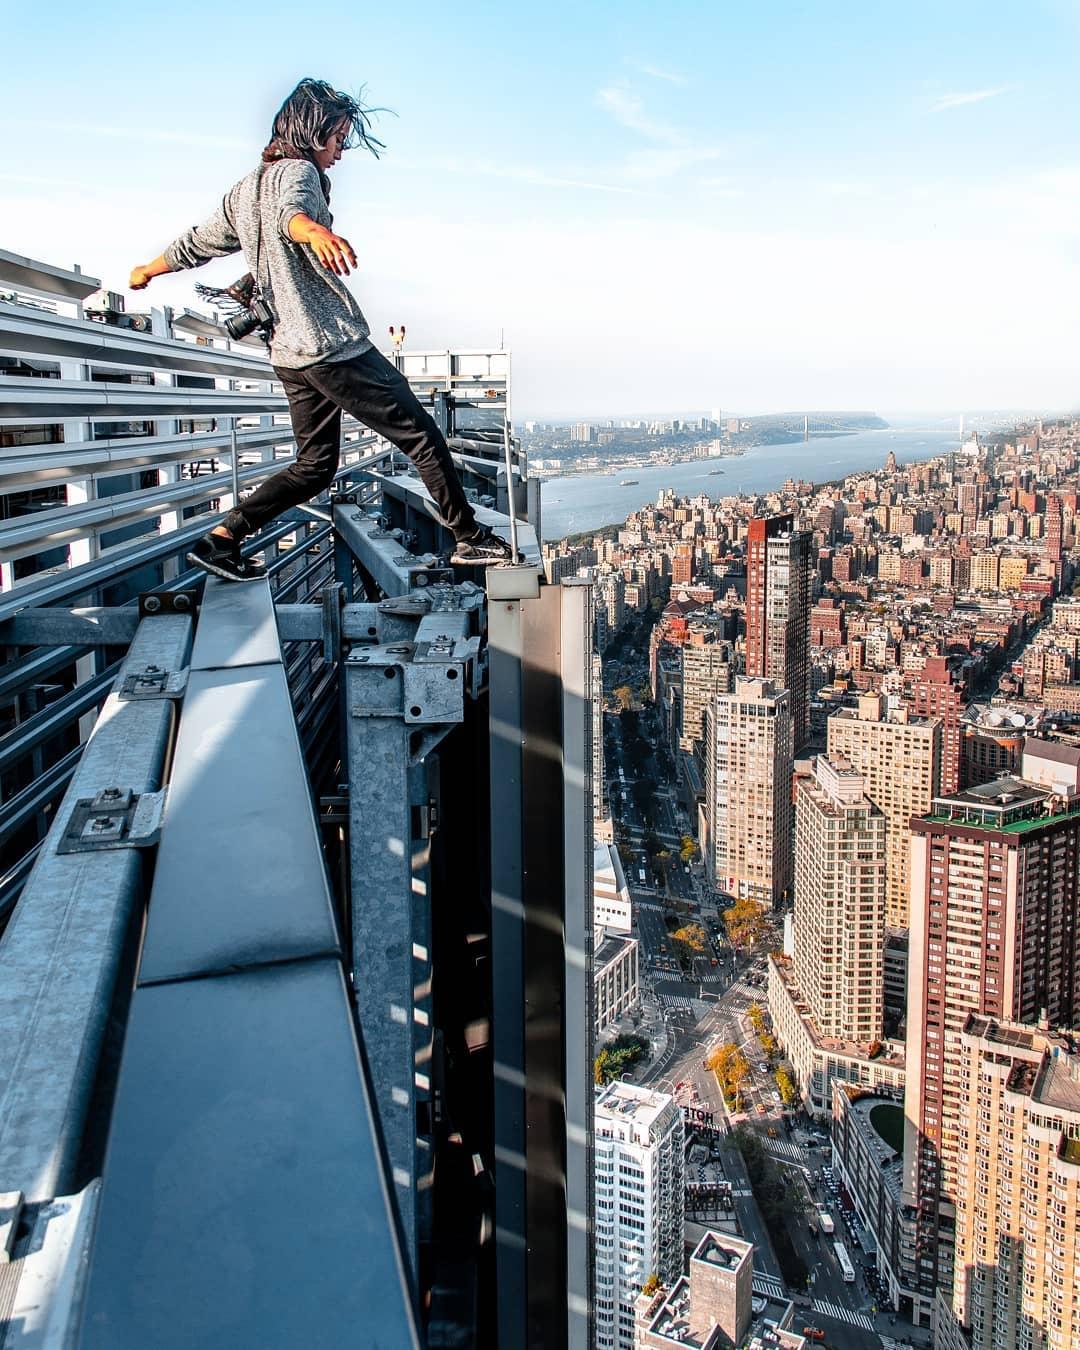 картинки людей на высоте рынке можно встретить